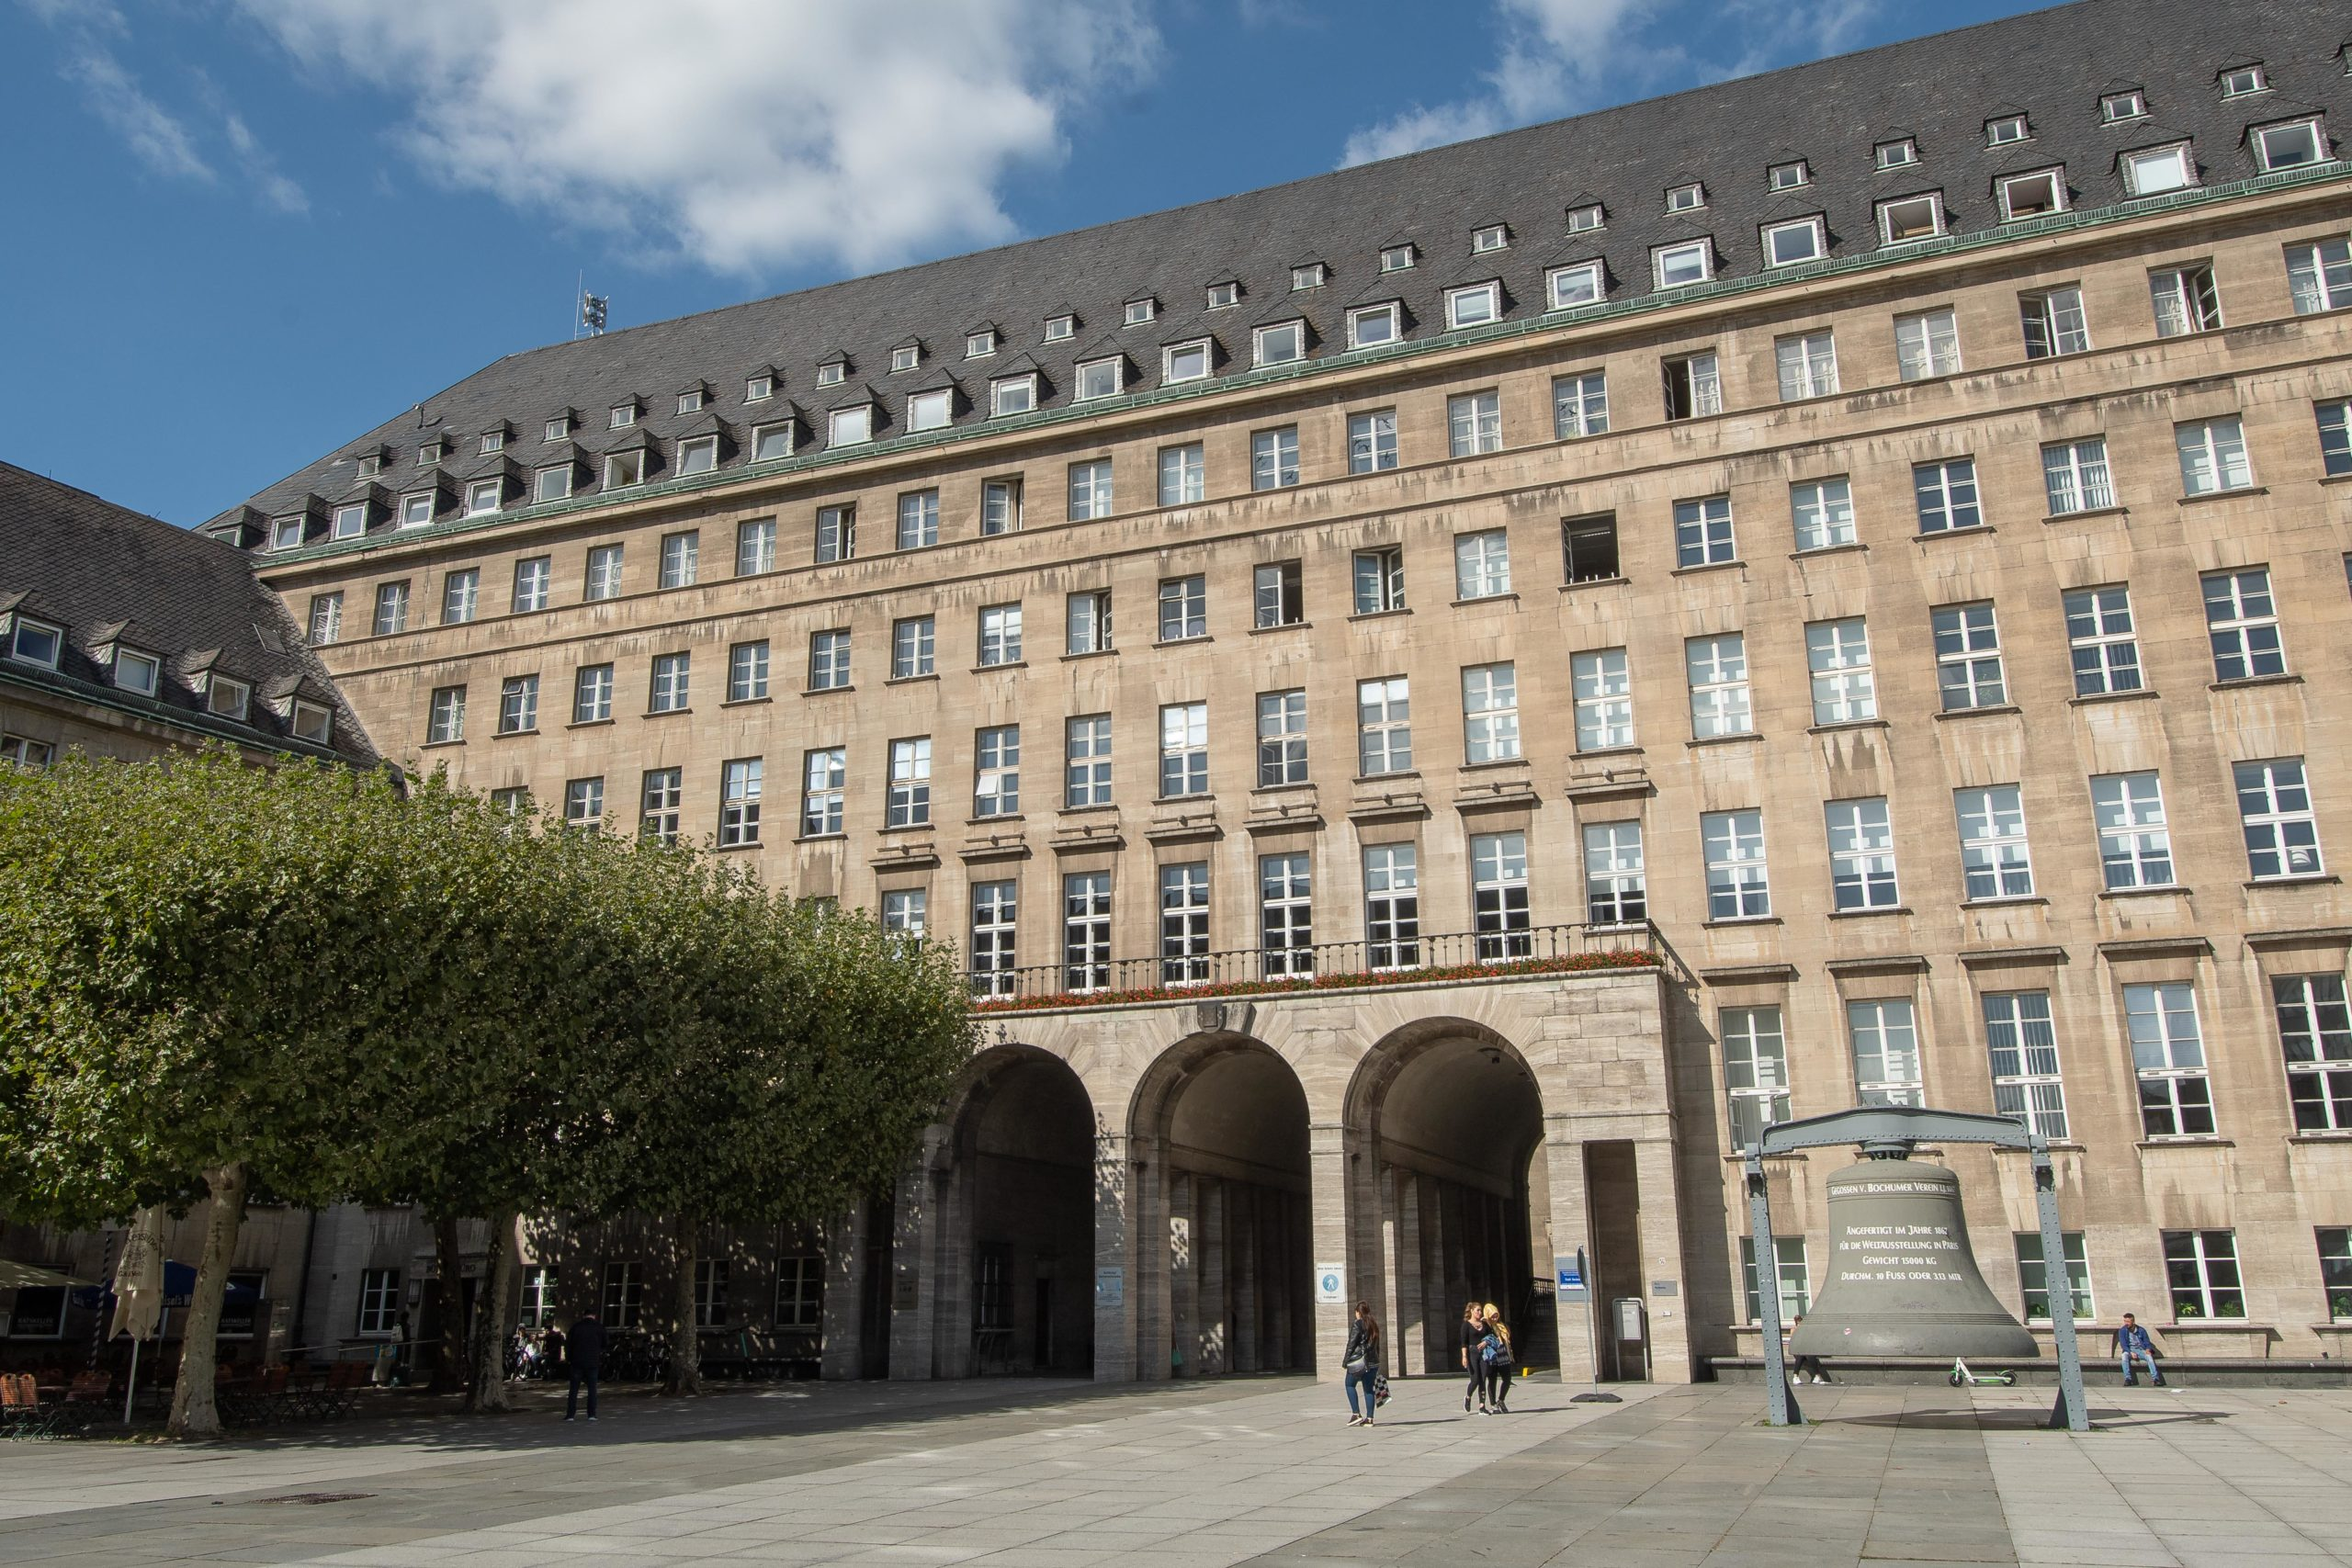 Bild der Stadt Bochum.